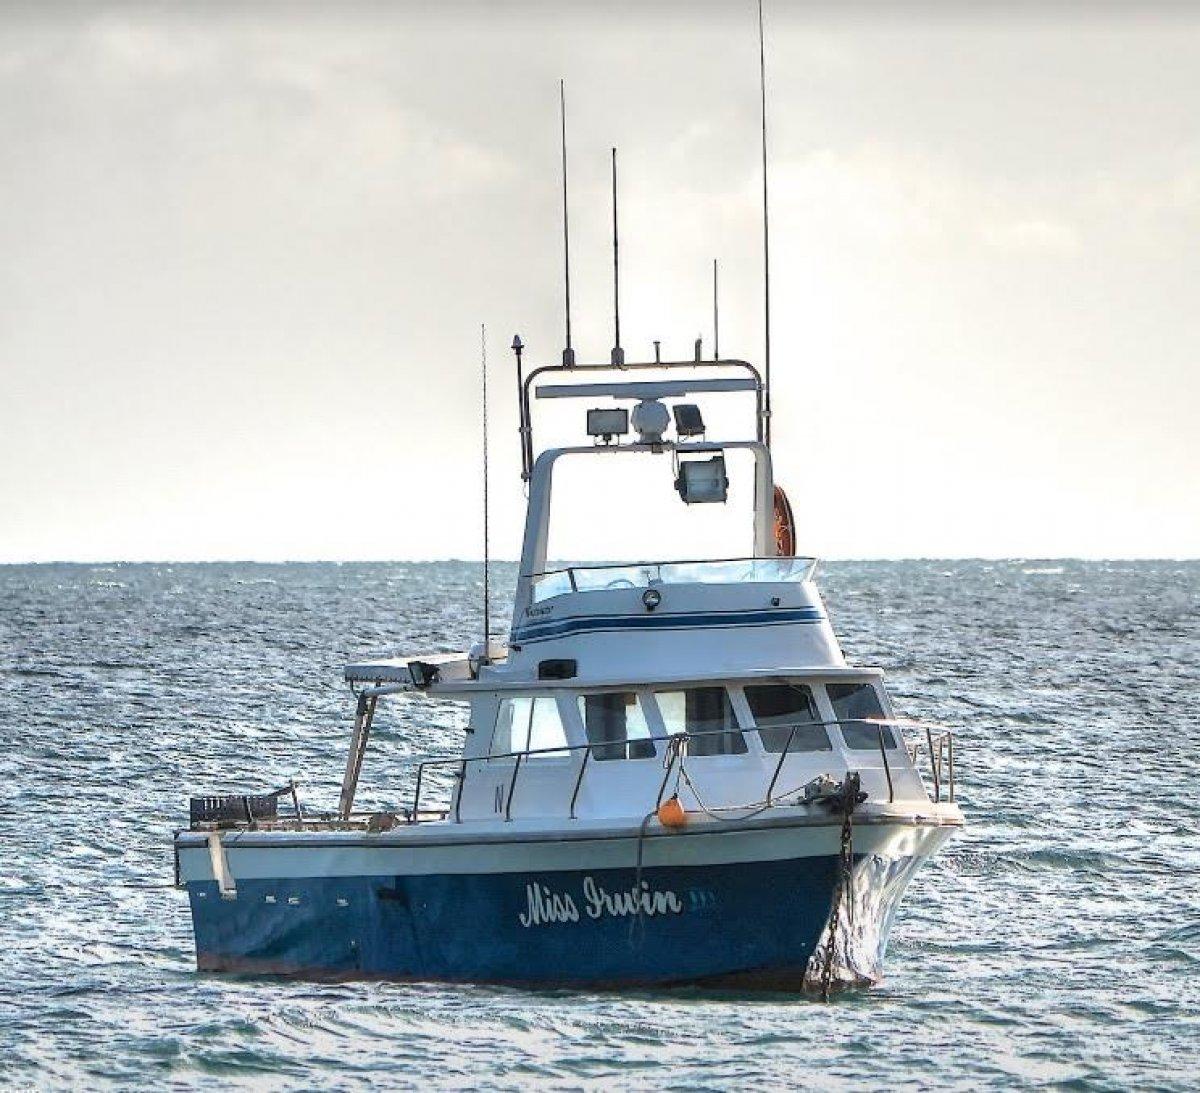 Curran 15.26m Fibreglass Commercial Fishing Vessel